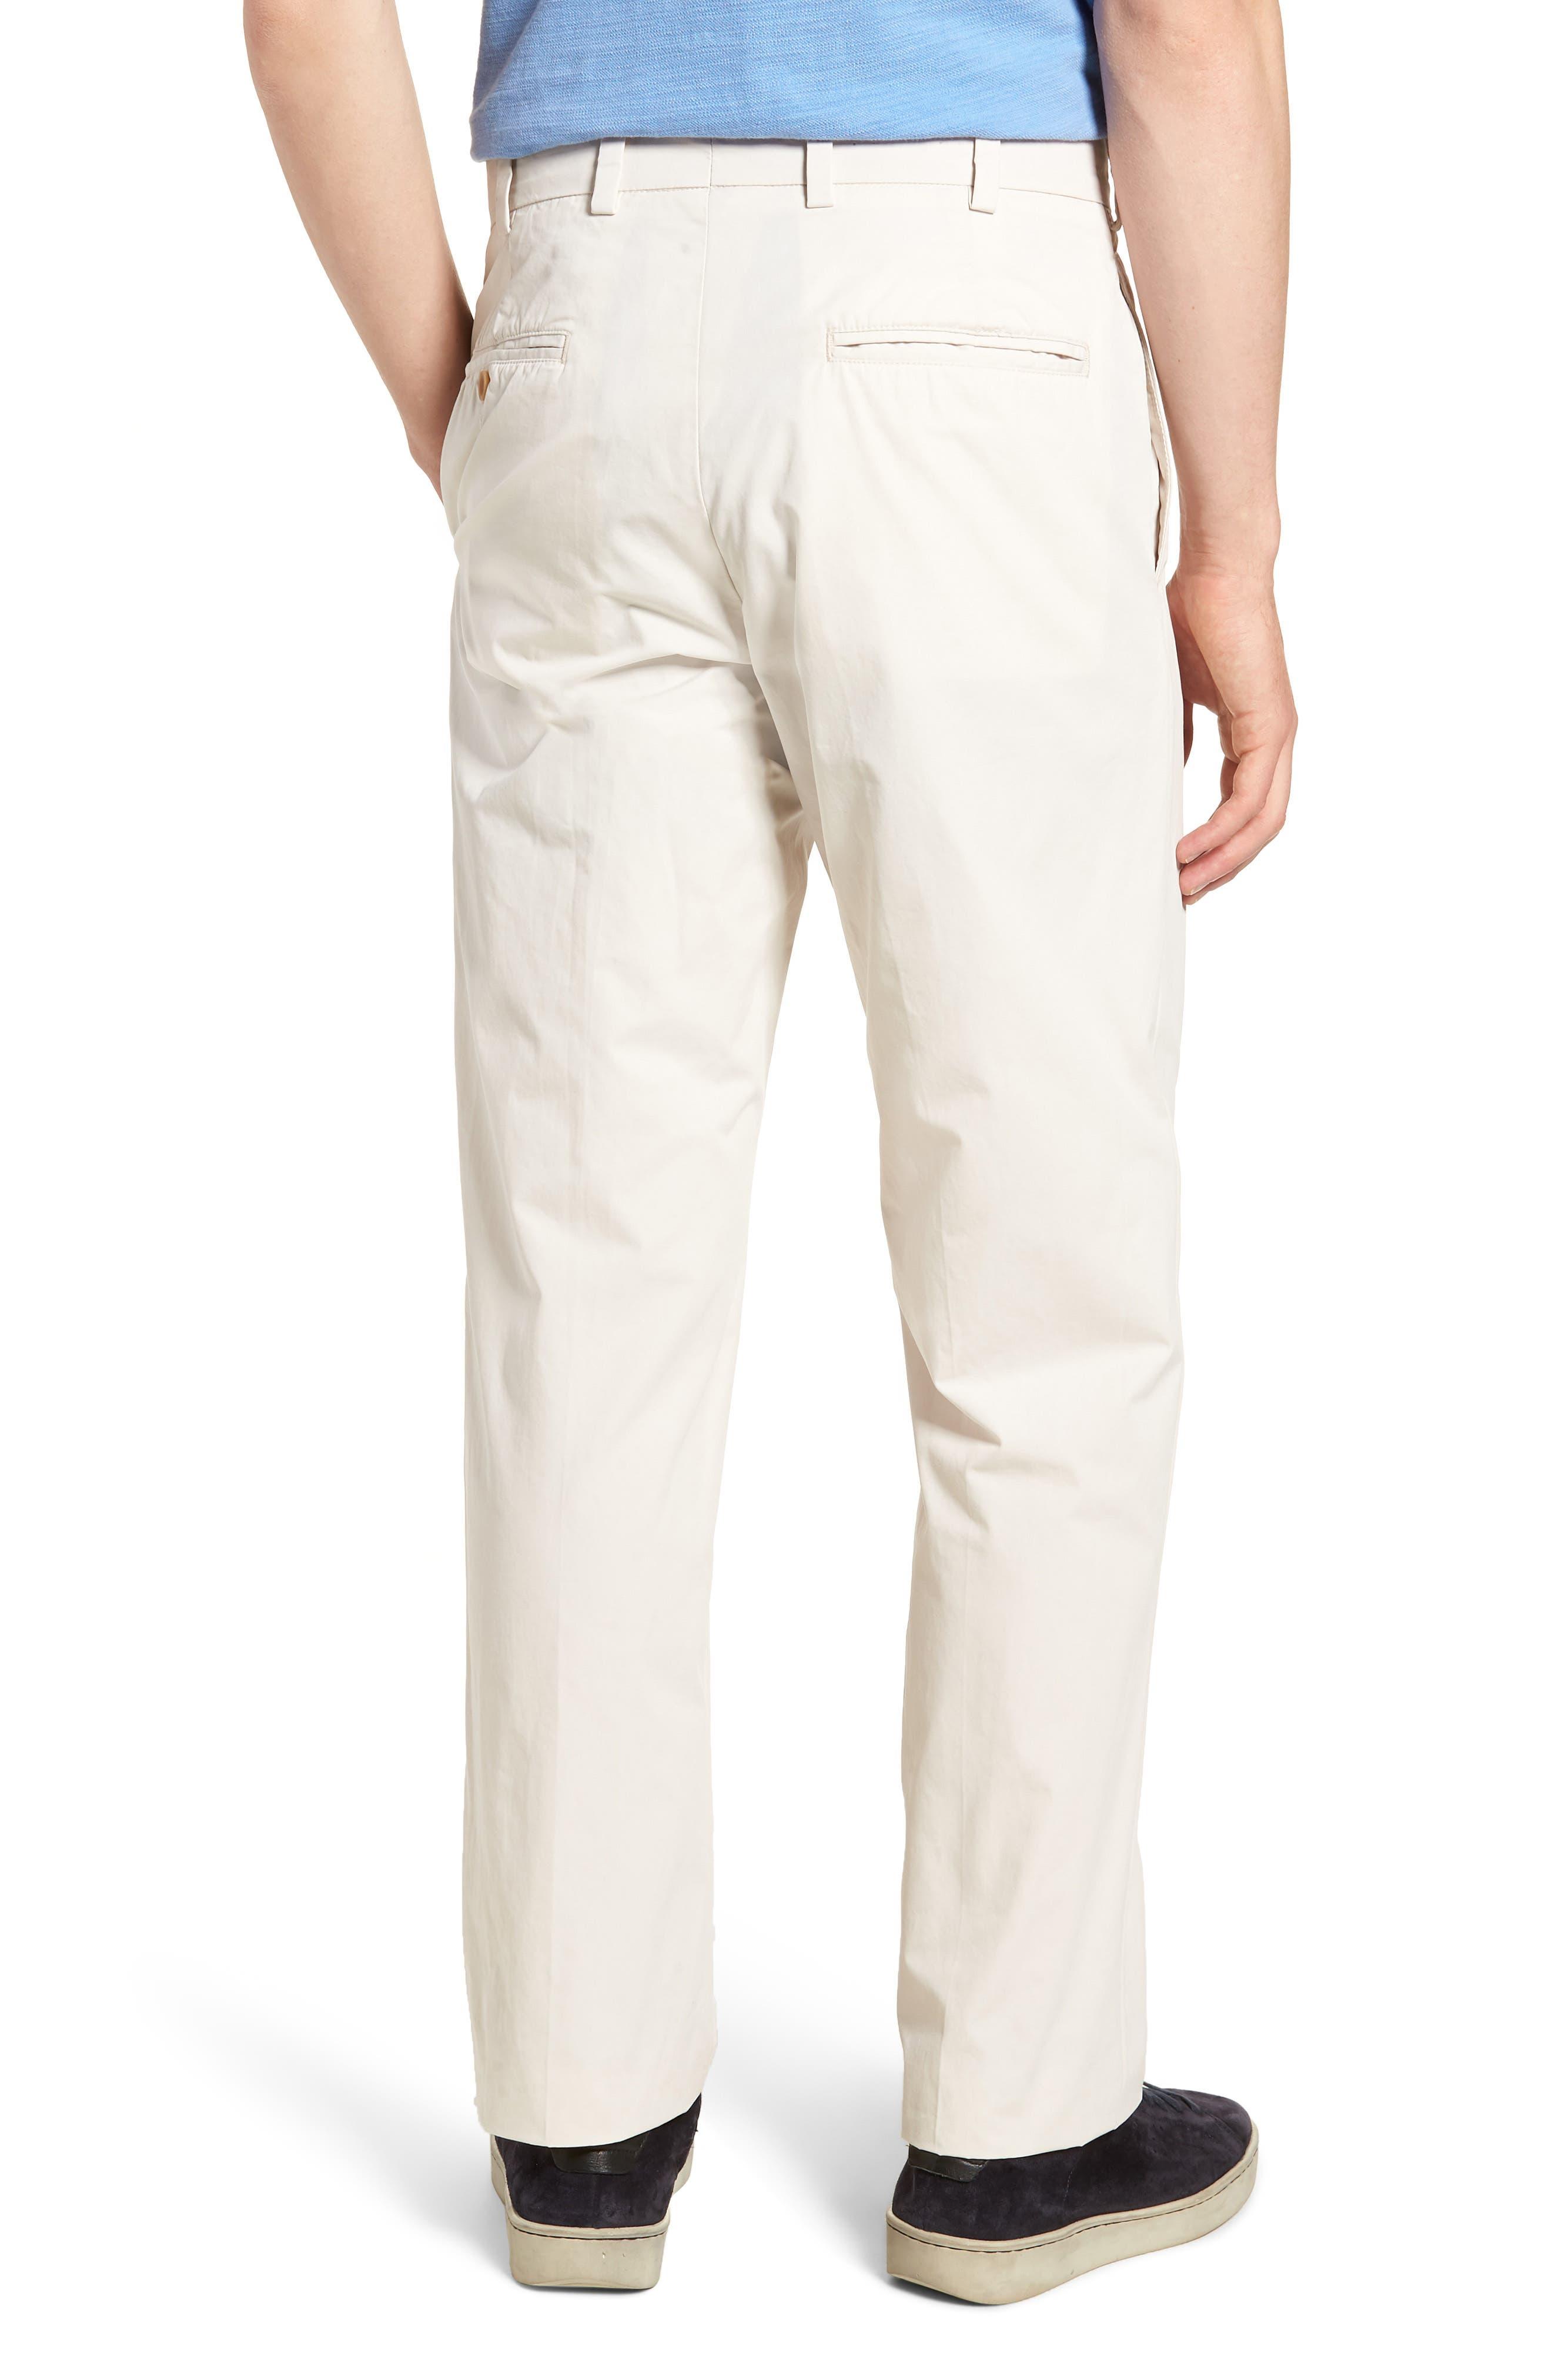 M2 Classic Fit Flat Front Tropical Cotton Poplin Pants,                             Alternate thumbnail 2, color,                             Sand